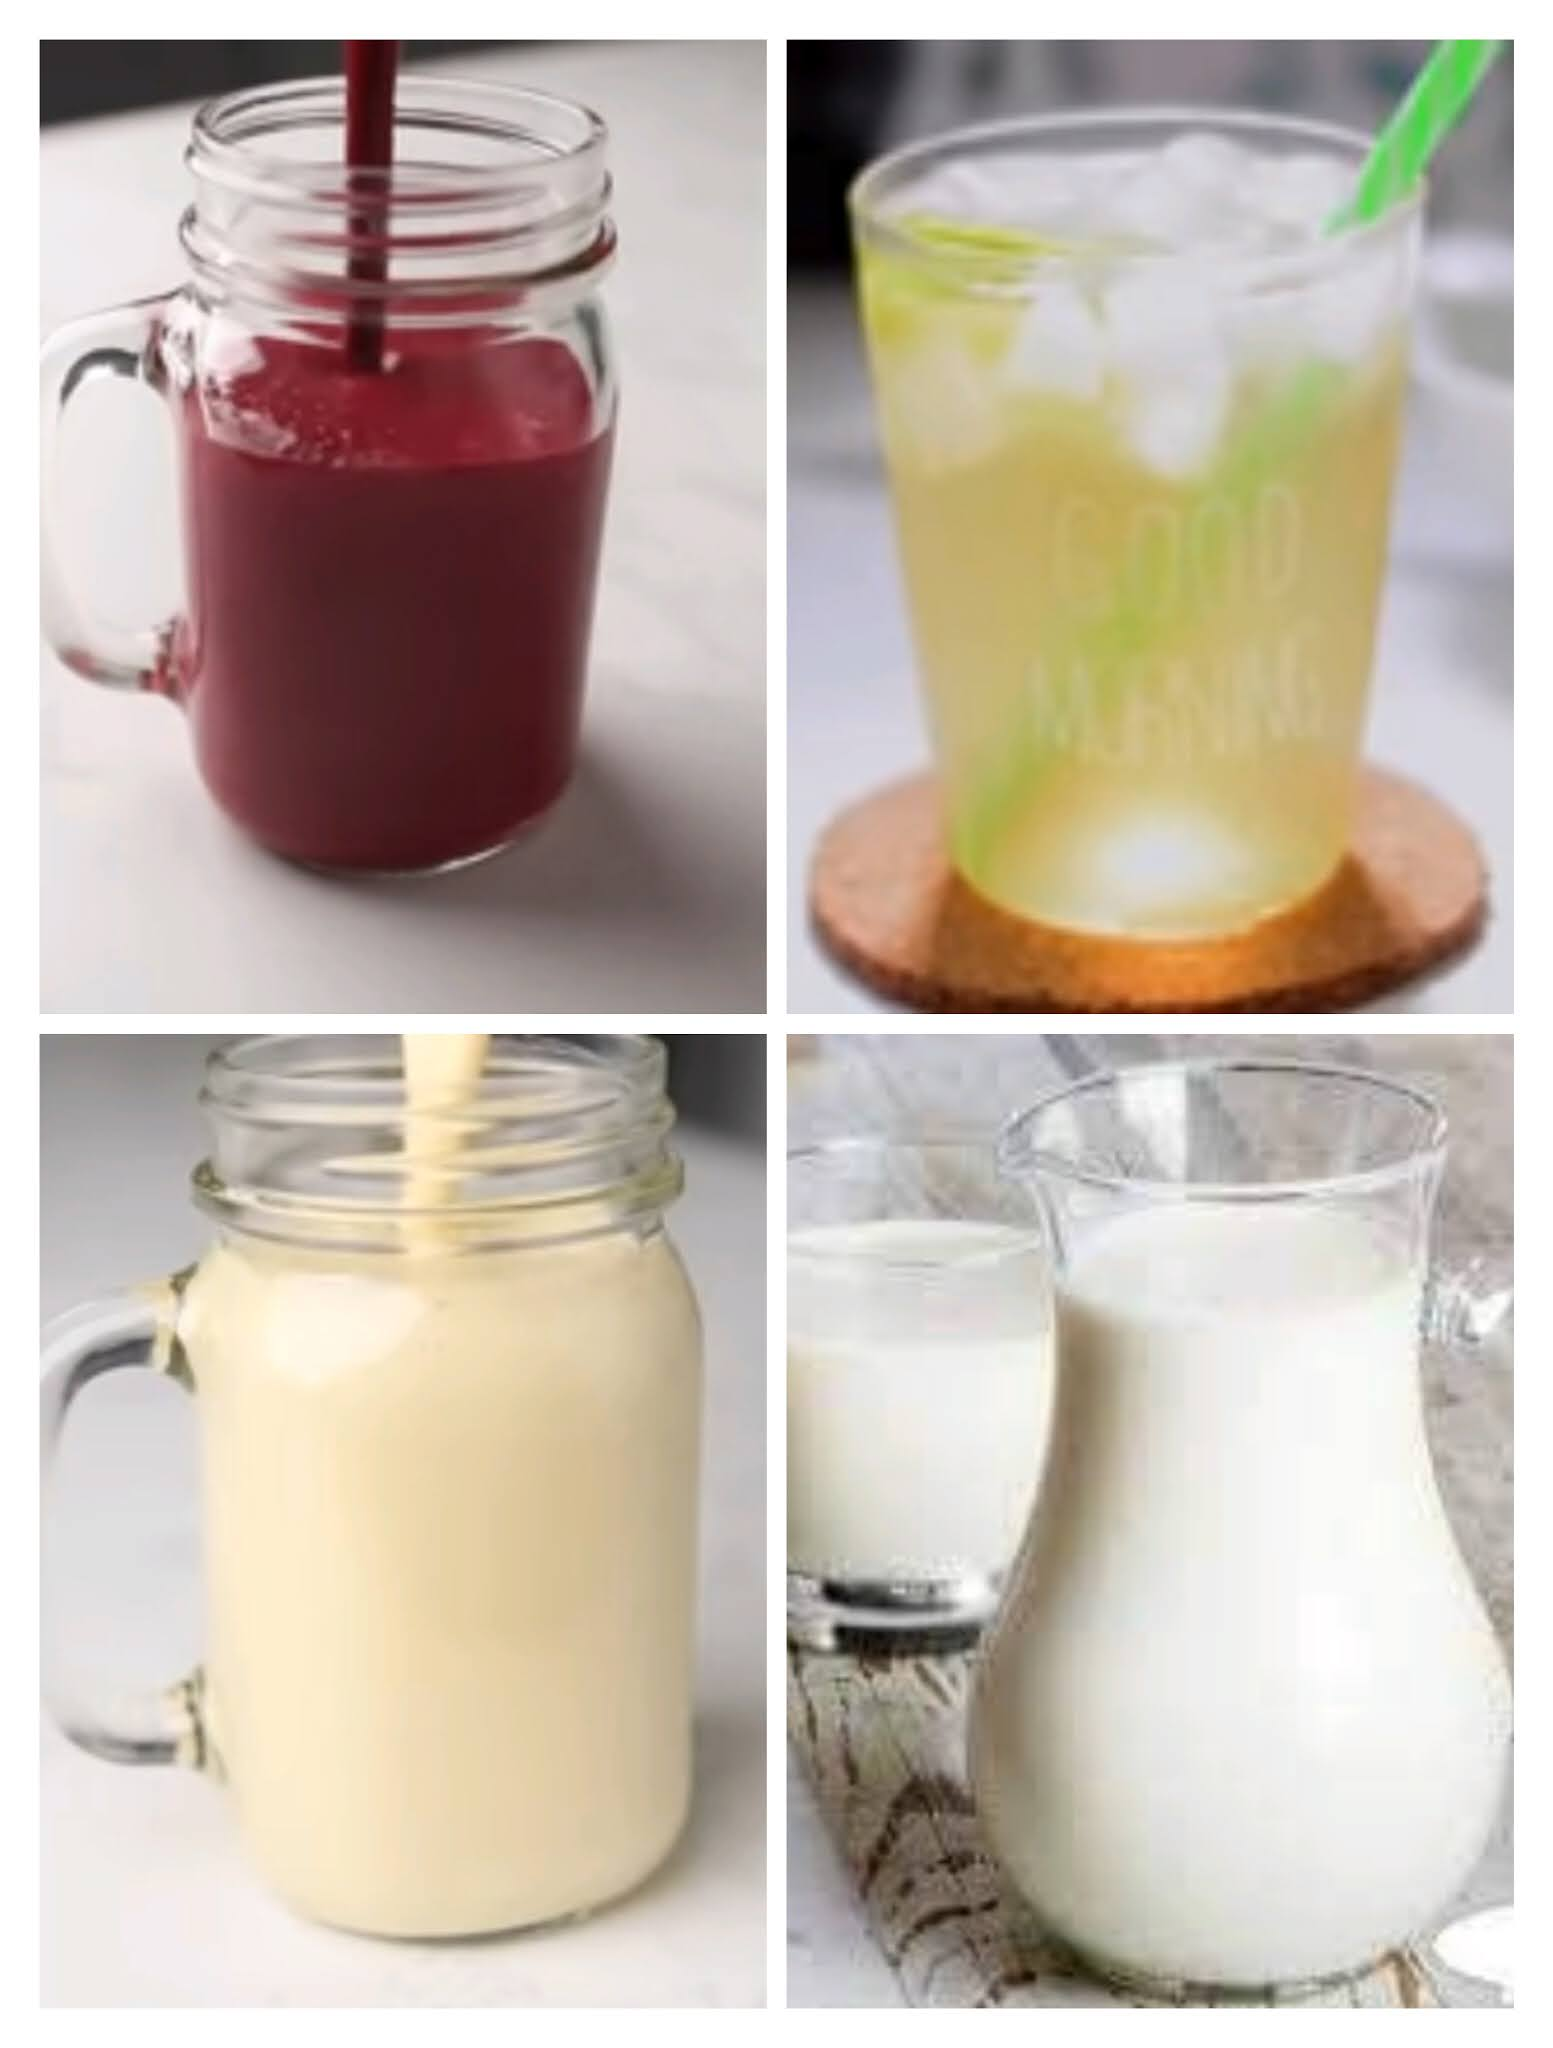 المشروبات الصيفية في رمضان -الجزء الثاني-